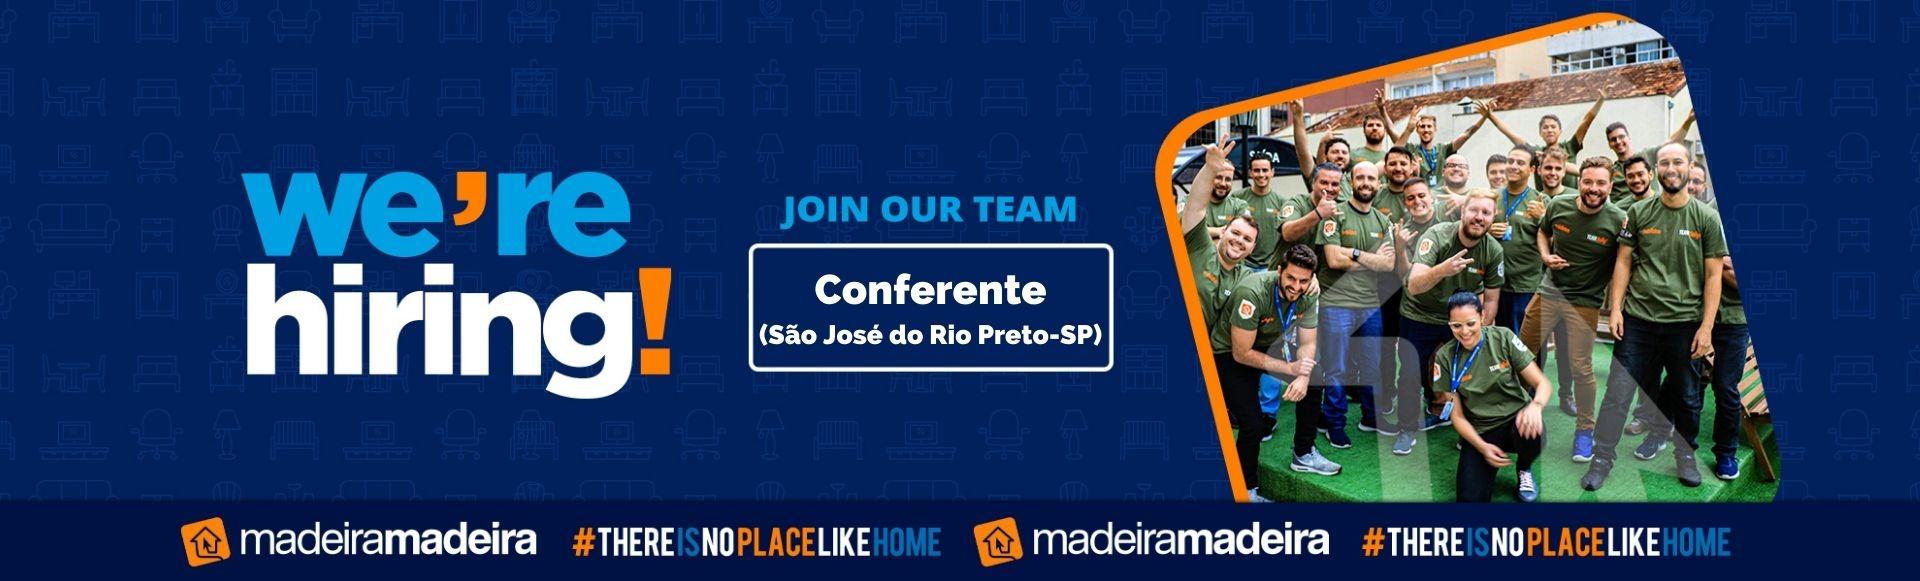 Banco de Talentos - Conferente (São José do Rio Preto-SP)